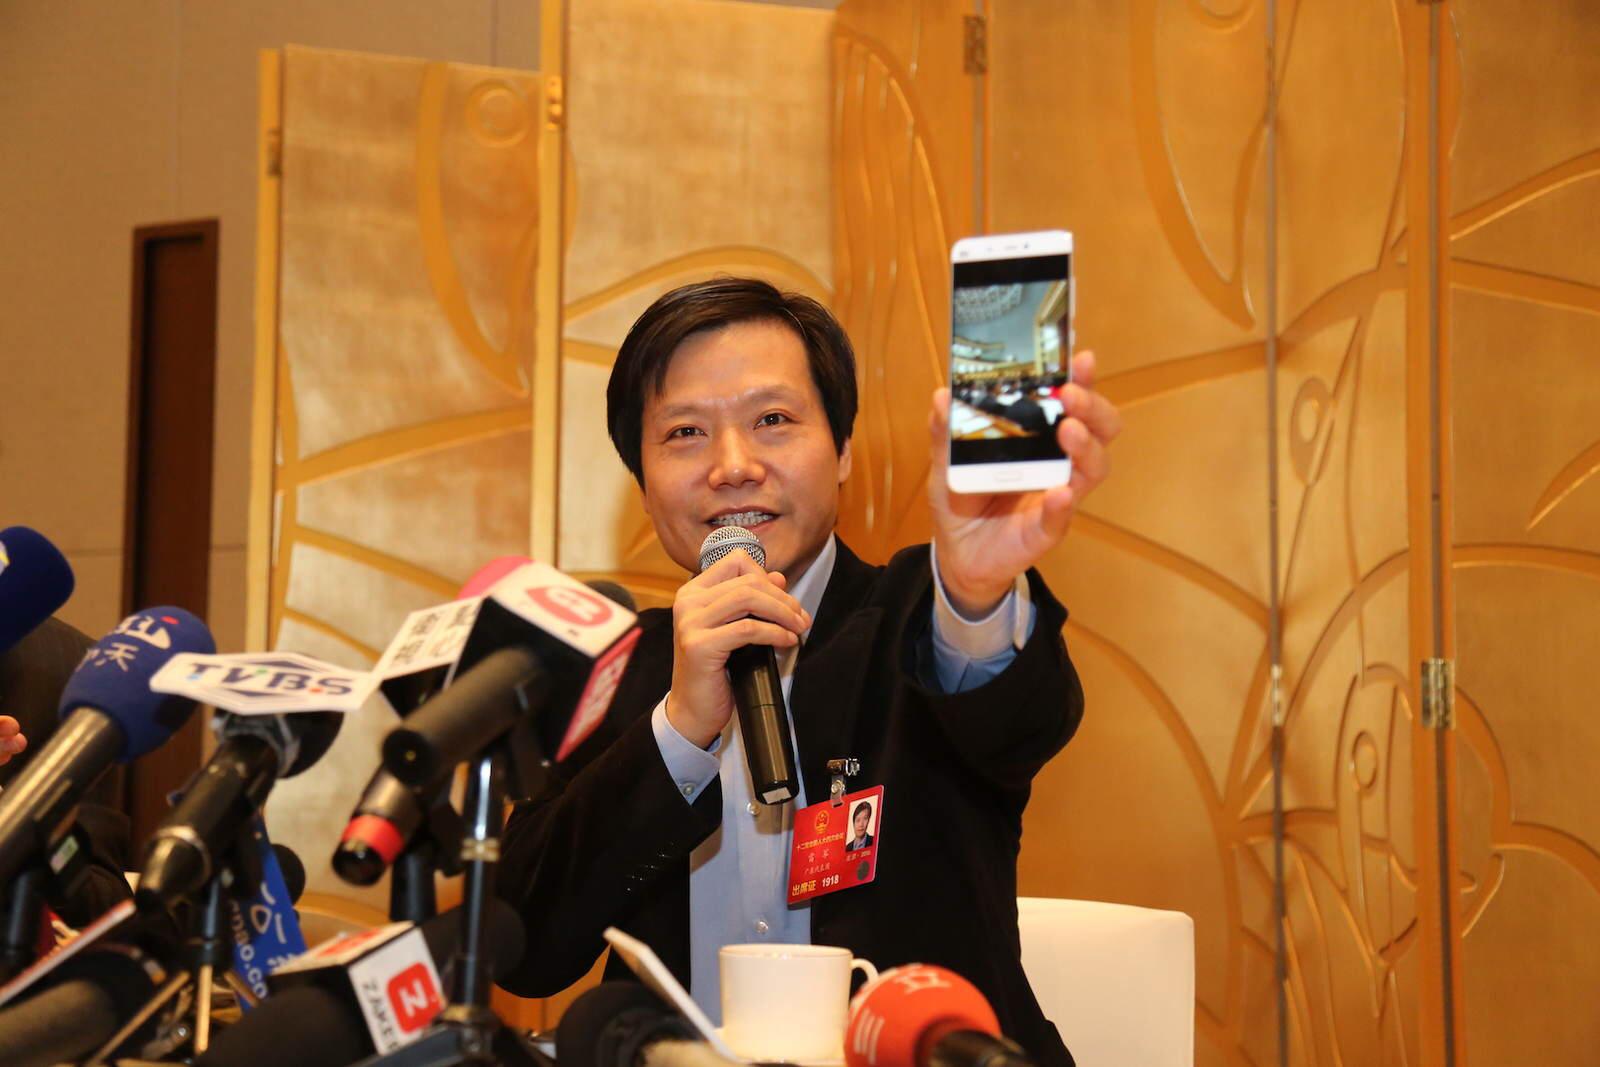 雷军向现场记者展示手机中照片